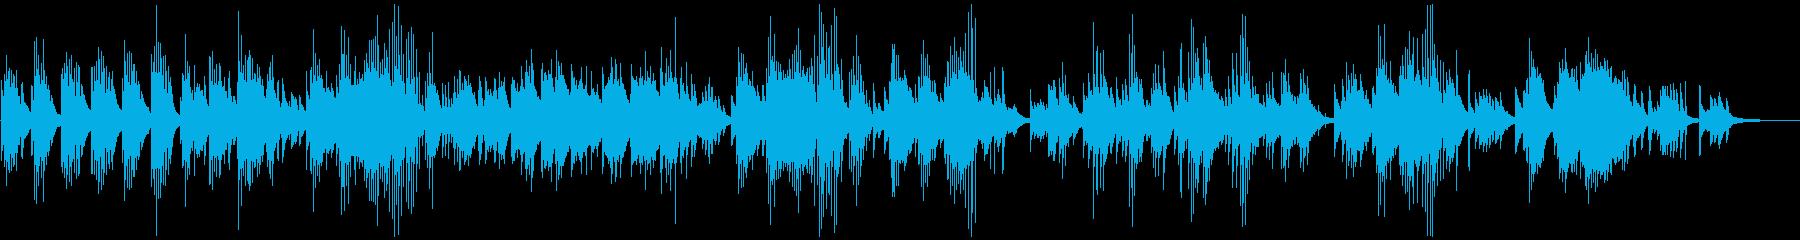 ゆったりとした柔らかいピアノメロディーの再生済みの波形